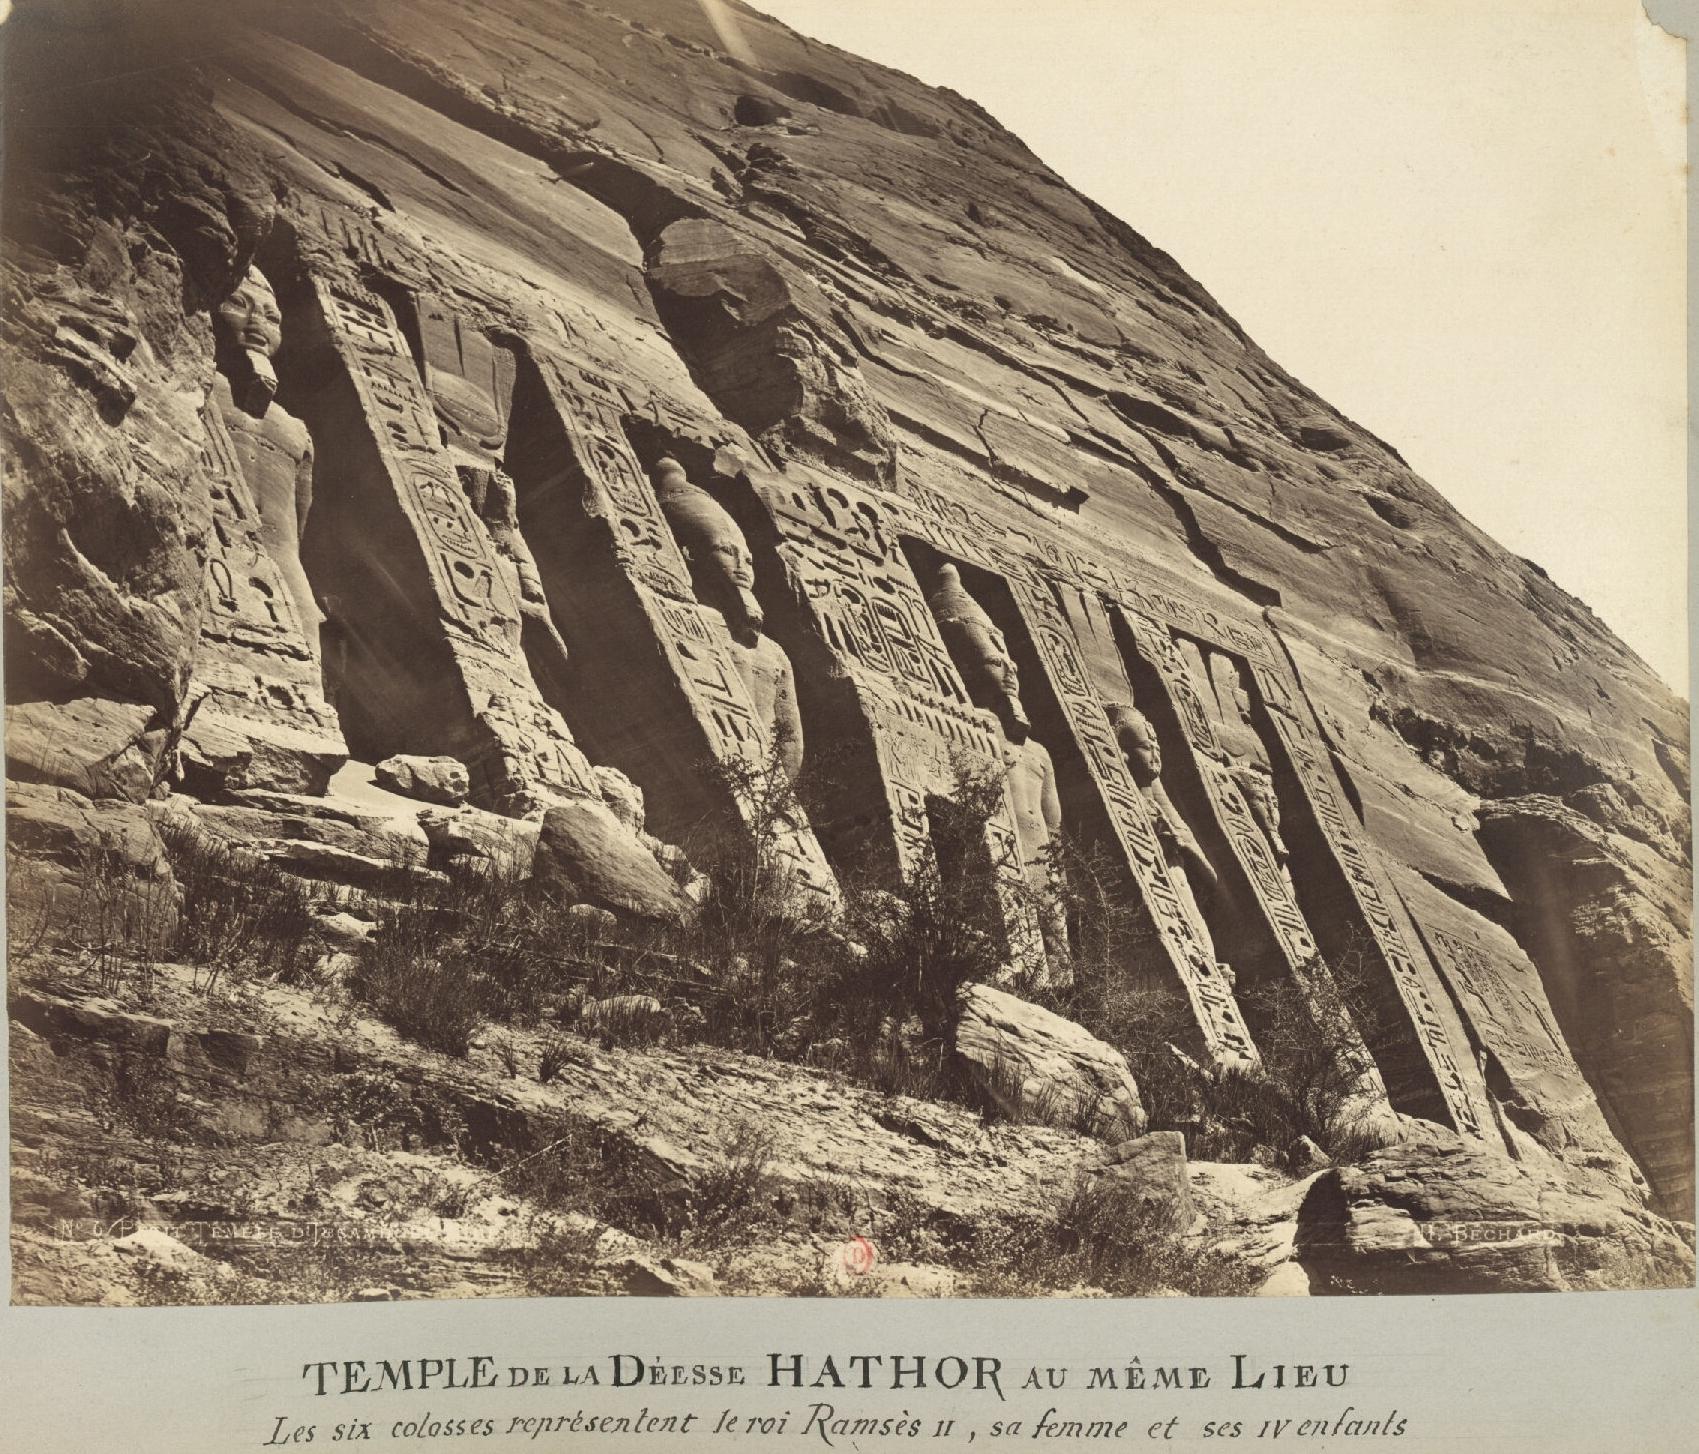 Абу-Симбел. Храм богини Хатхор в том же месте. Шесть колоссов представляют Рамзеса II, его жену и его детей.